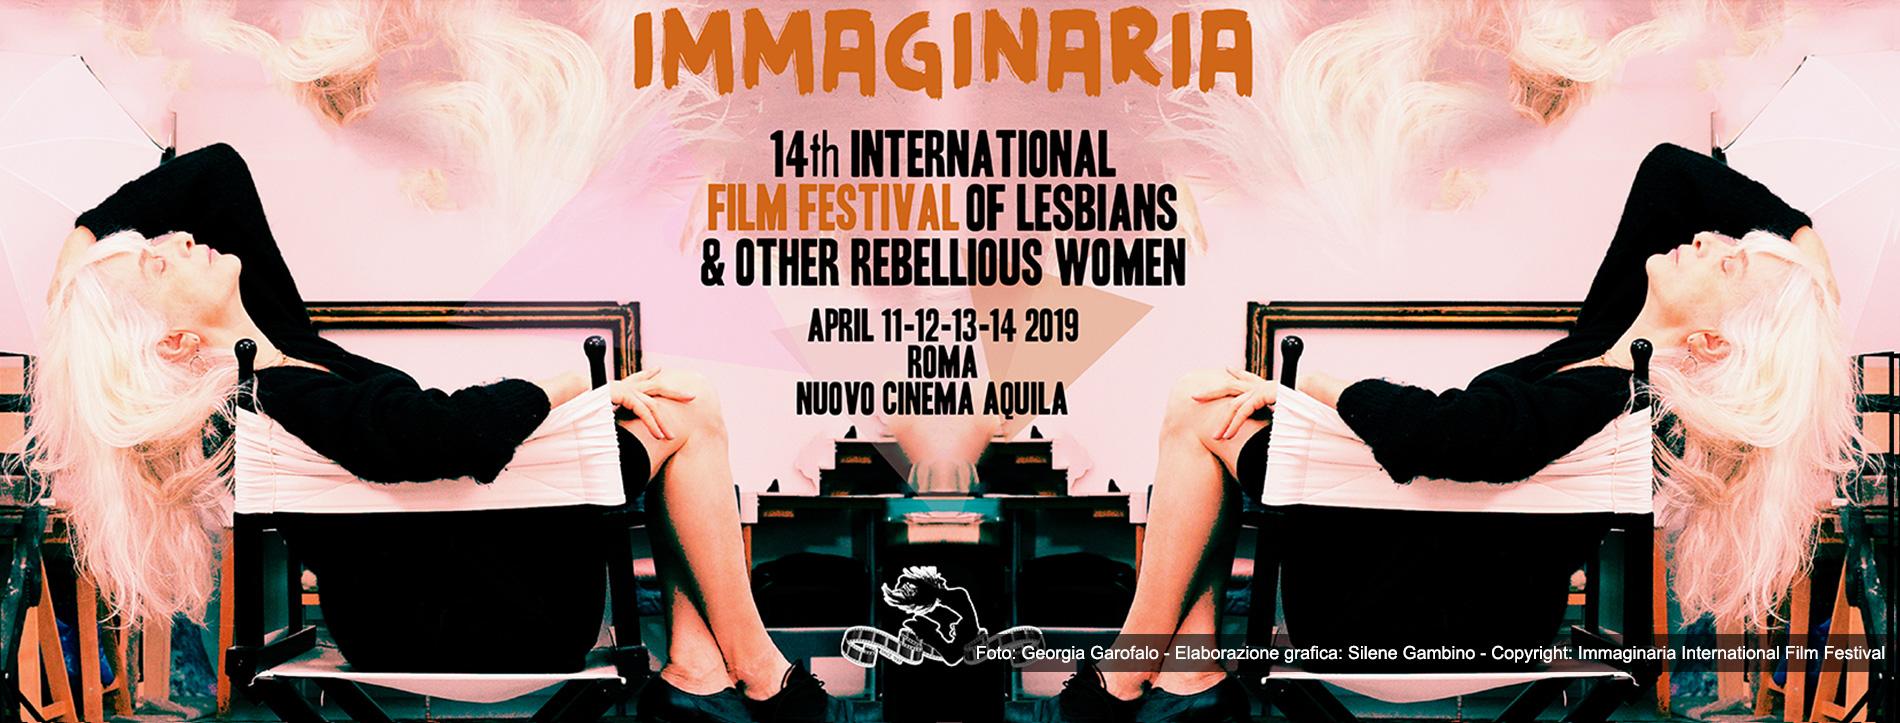 Immaginaria 2019